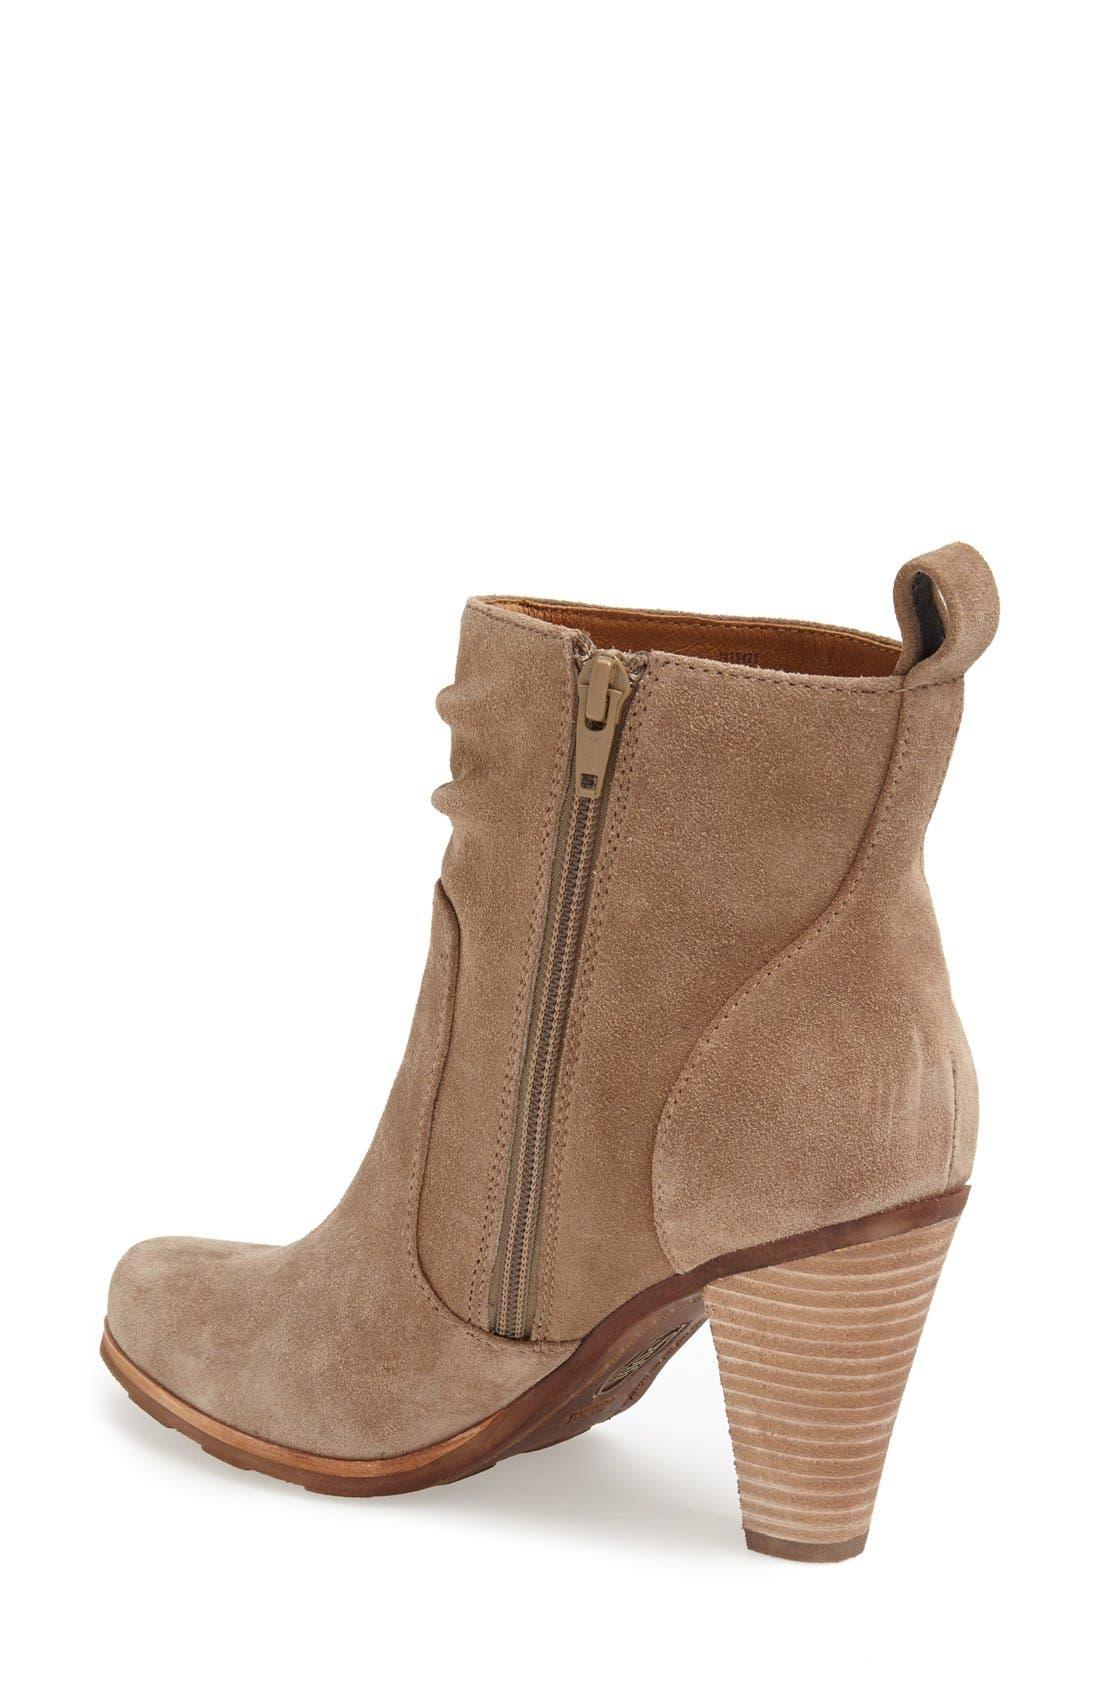 Alternate Image 2  - Söfft 'Toby' Boot (Women)